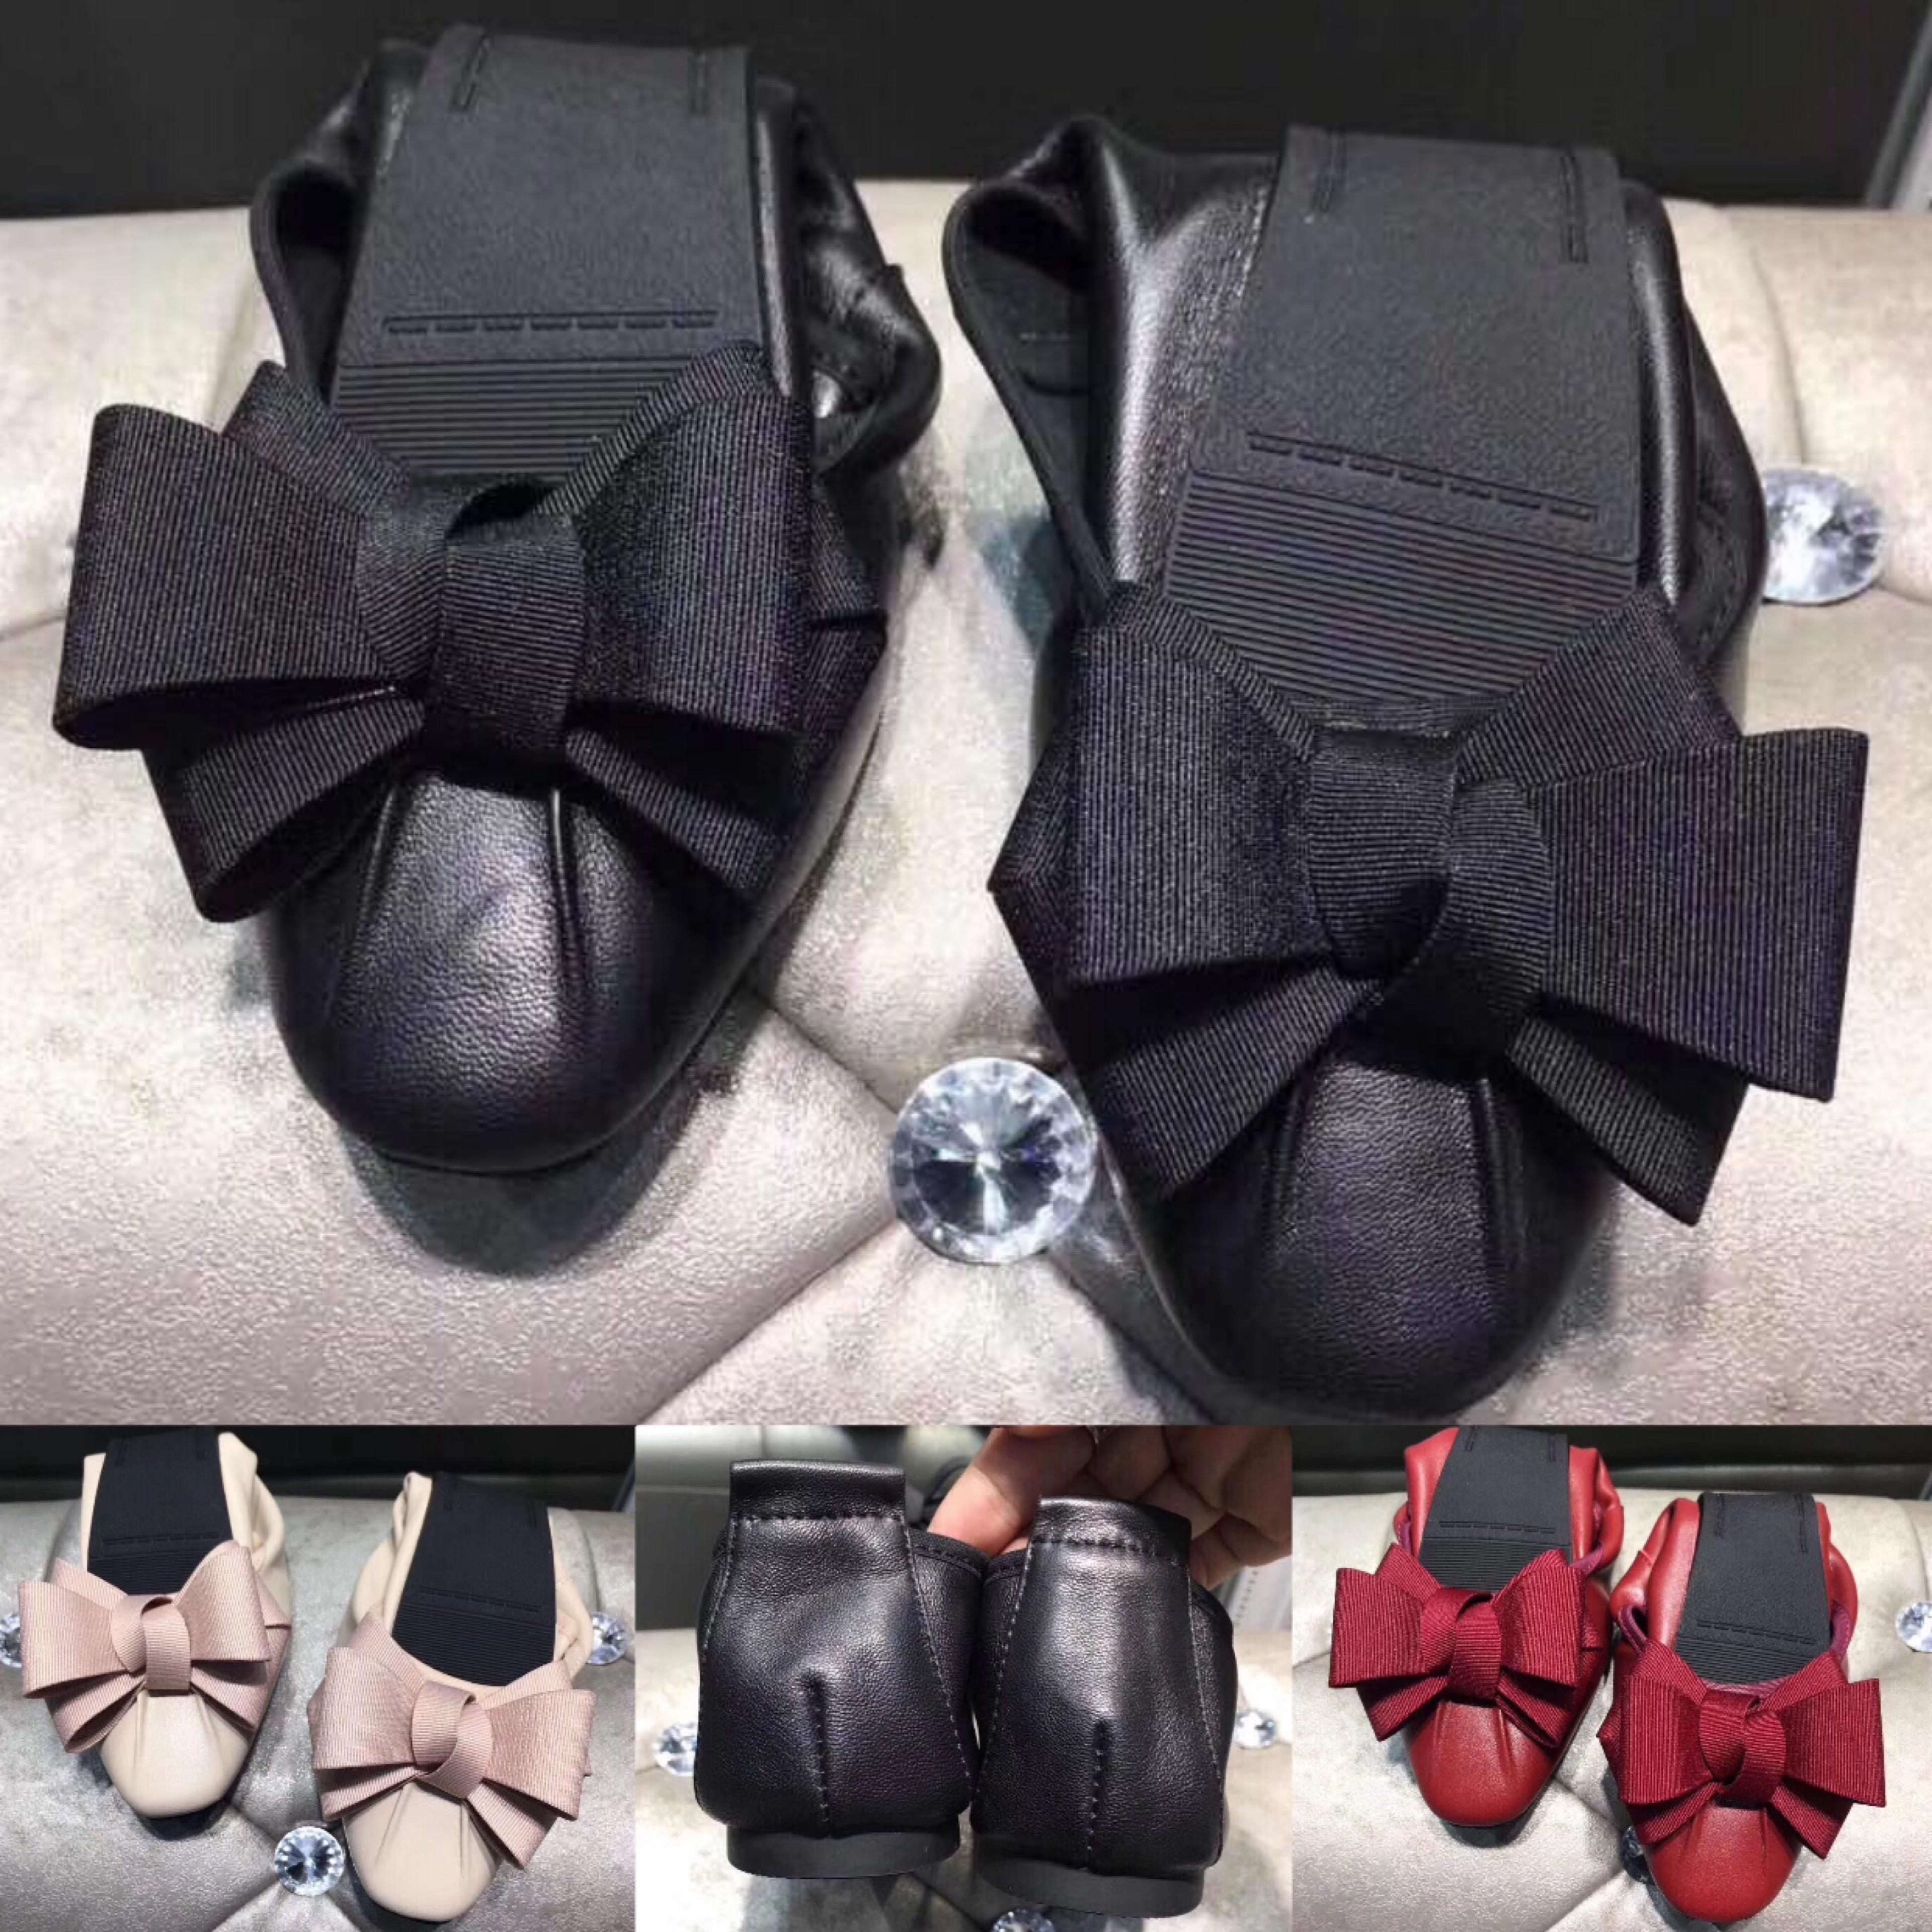 2020 nuevos zapatos de tendencia de la moda planas punta estrecha para mujer del Bowknot de los zapatos del ocio zapatos de ballet de alta calidad de piel de oveja suave plegable